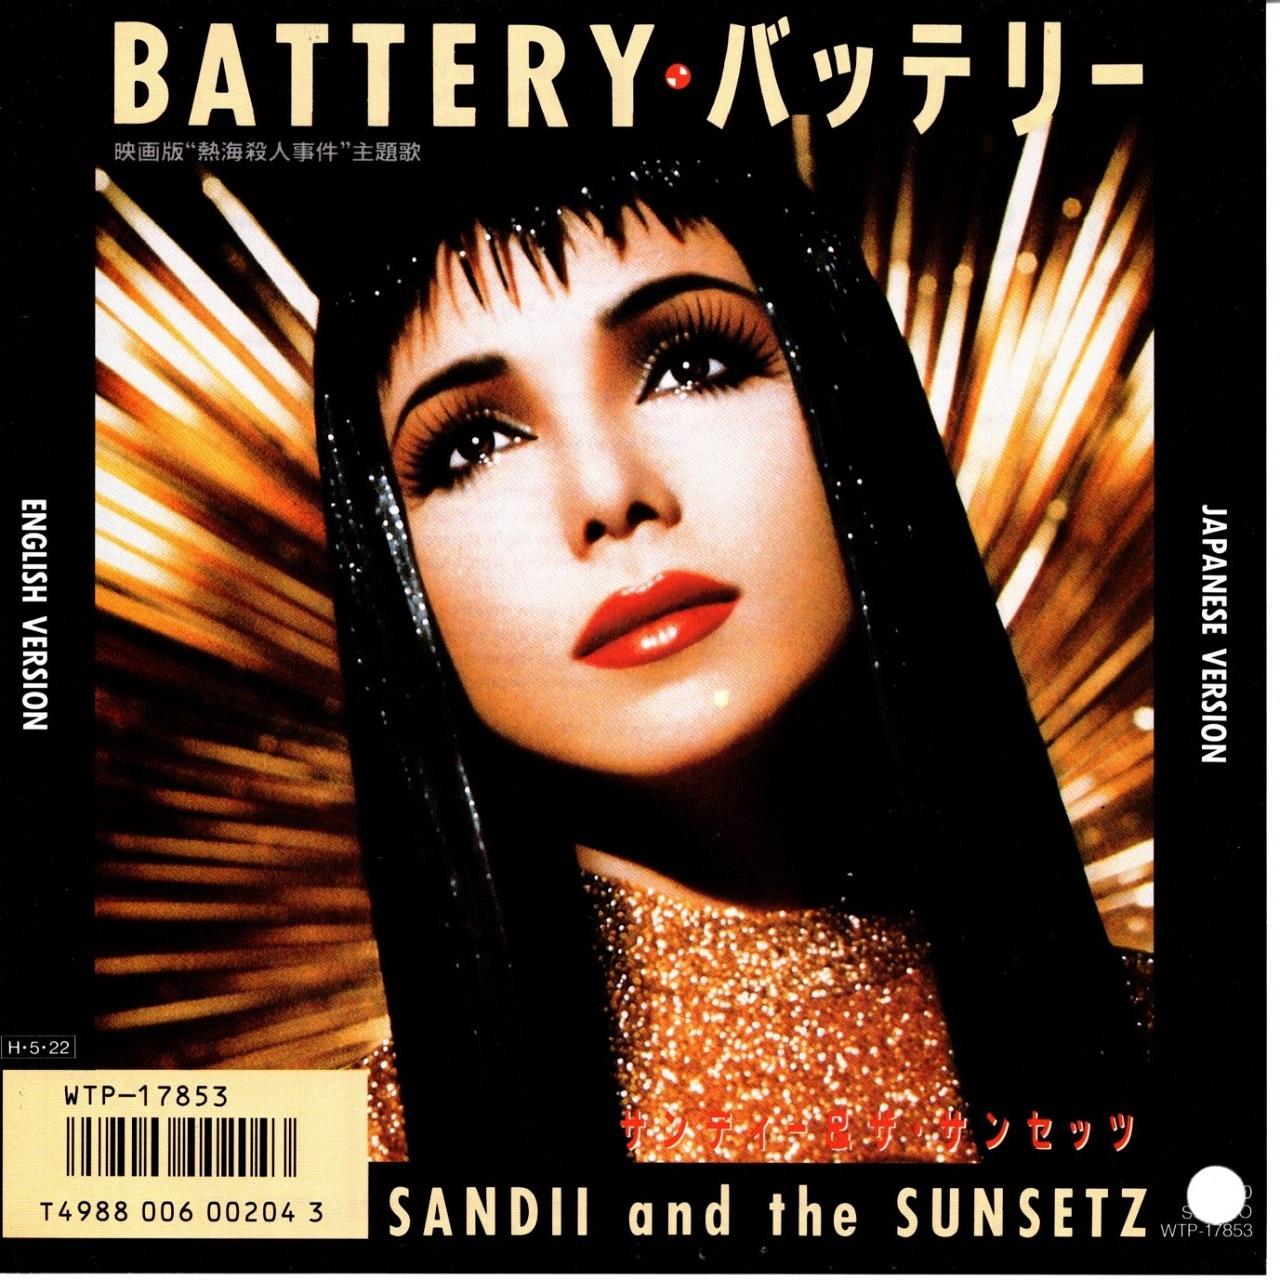 【7inch・国内盤】サンディー & ザ・サンセッツ /  バッテリー